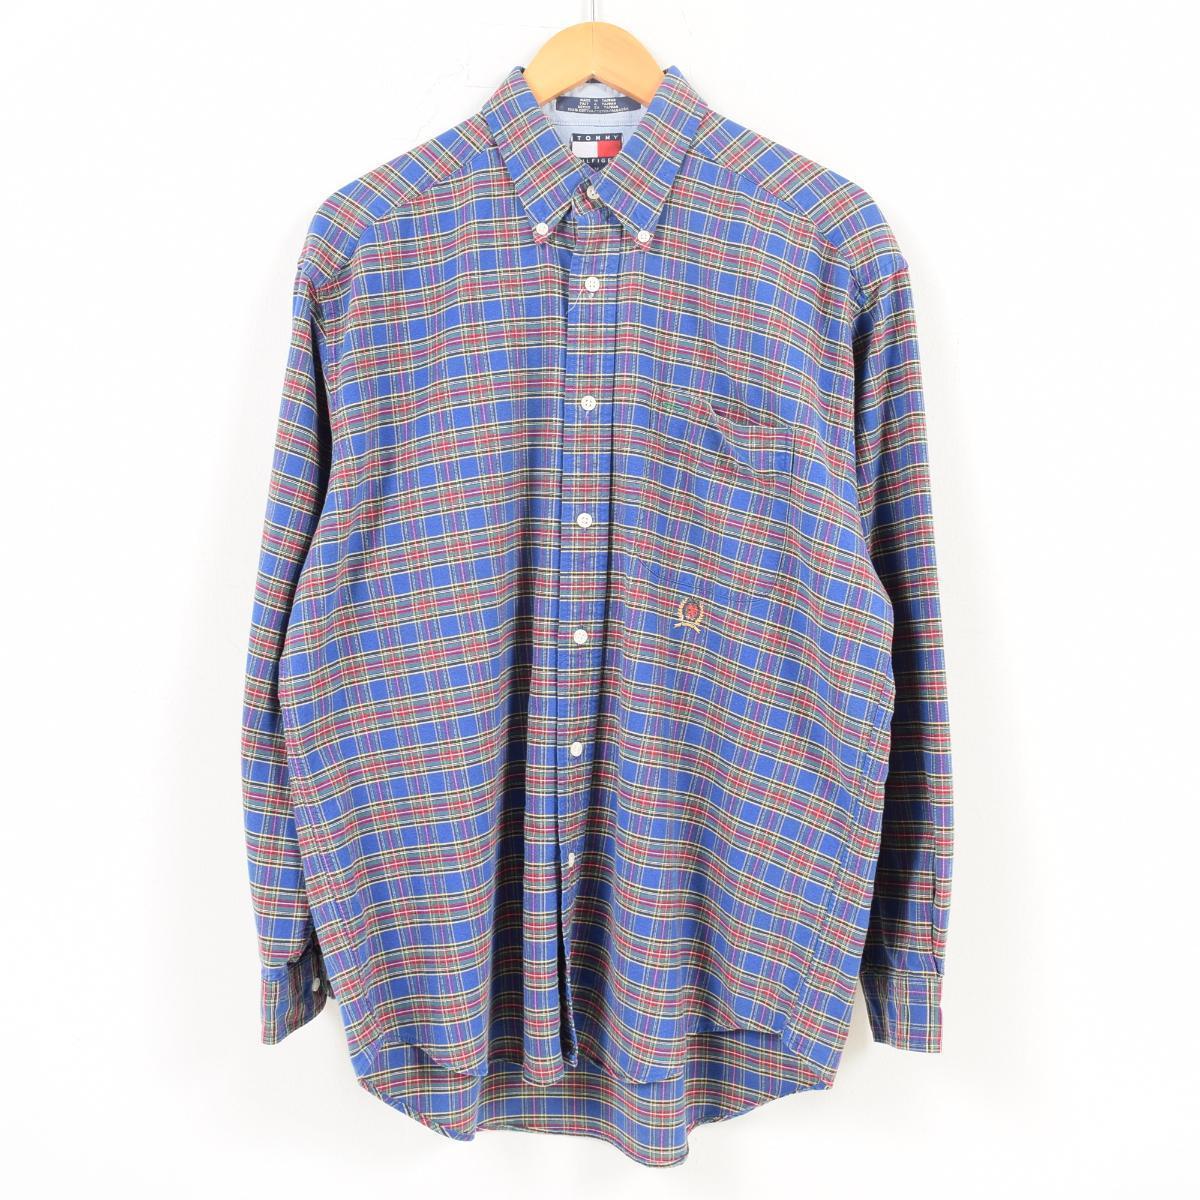 Vintage Clothing Jam 90s Tommy Hilfiger Long